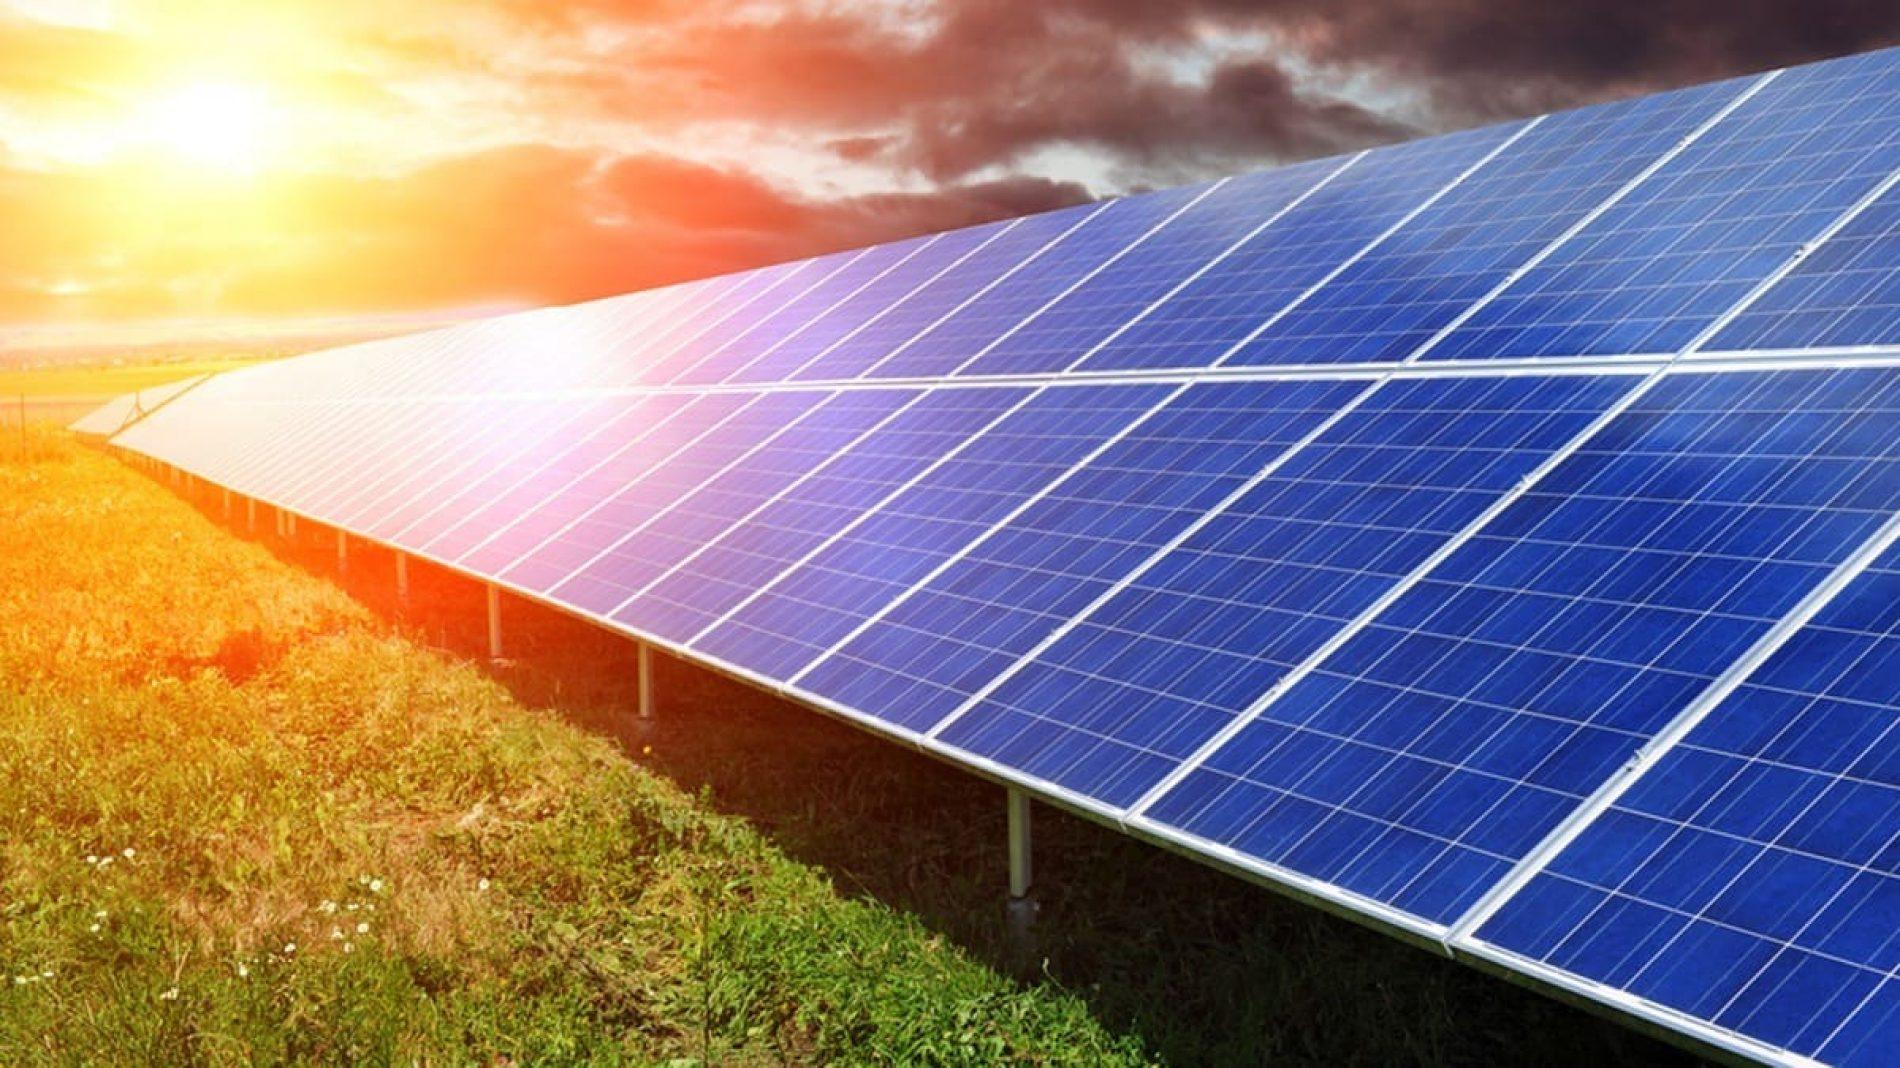 Bosanski Petrovac u projektu izgradnje najvećeg solarnog parka u državi